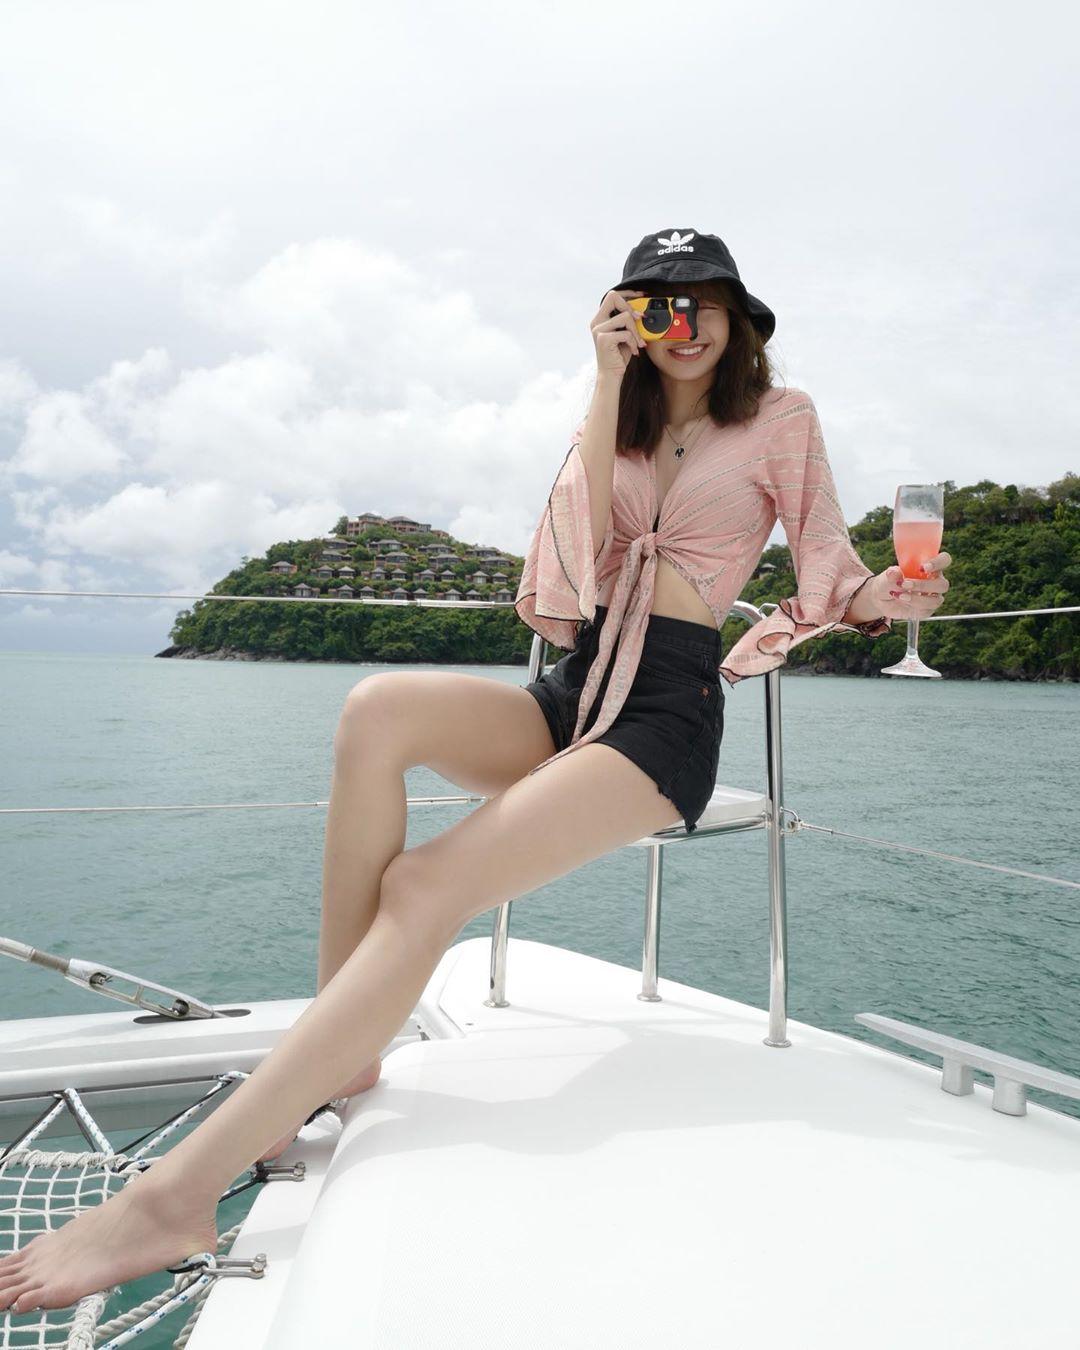 lisa blackpink áo croptop tay dài quần shorts